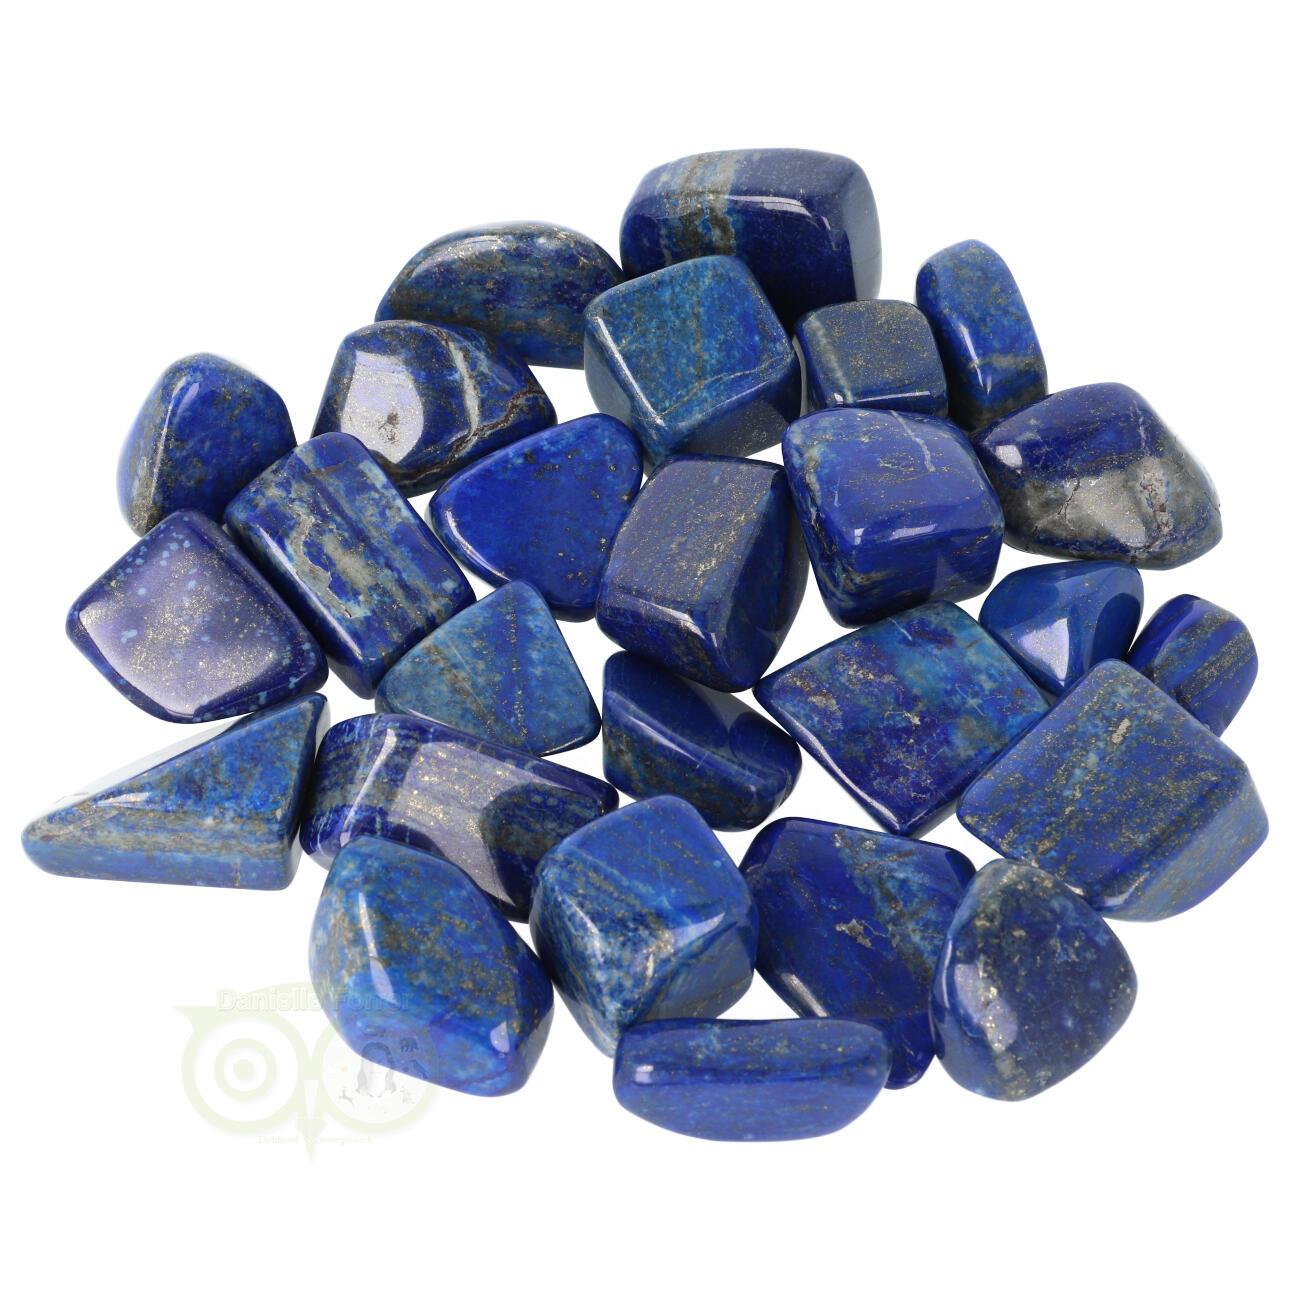 Lapis Lazuli | Edelstenen Webwinkel - Webshop Danielle Forrer